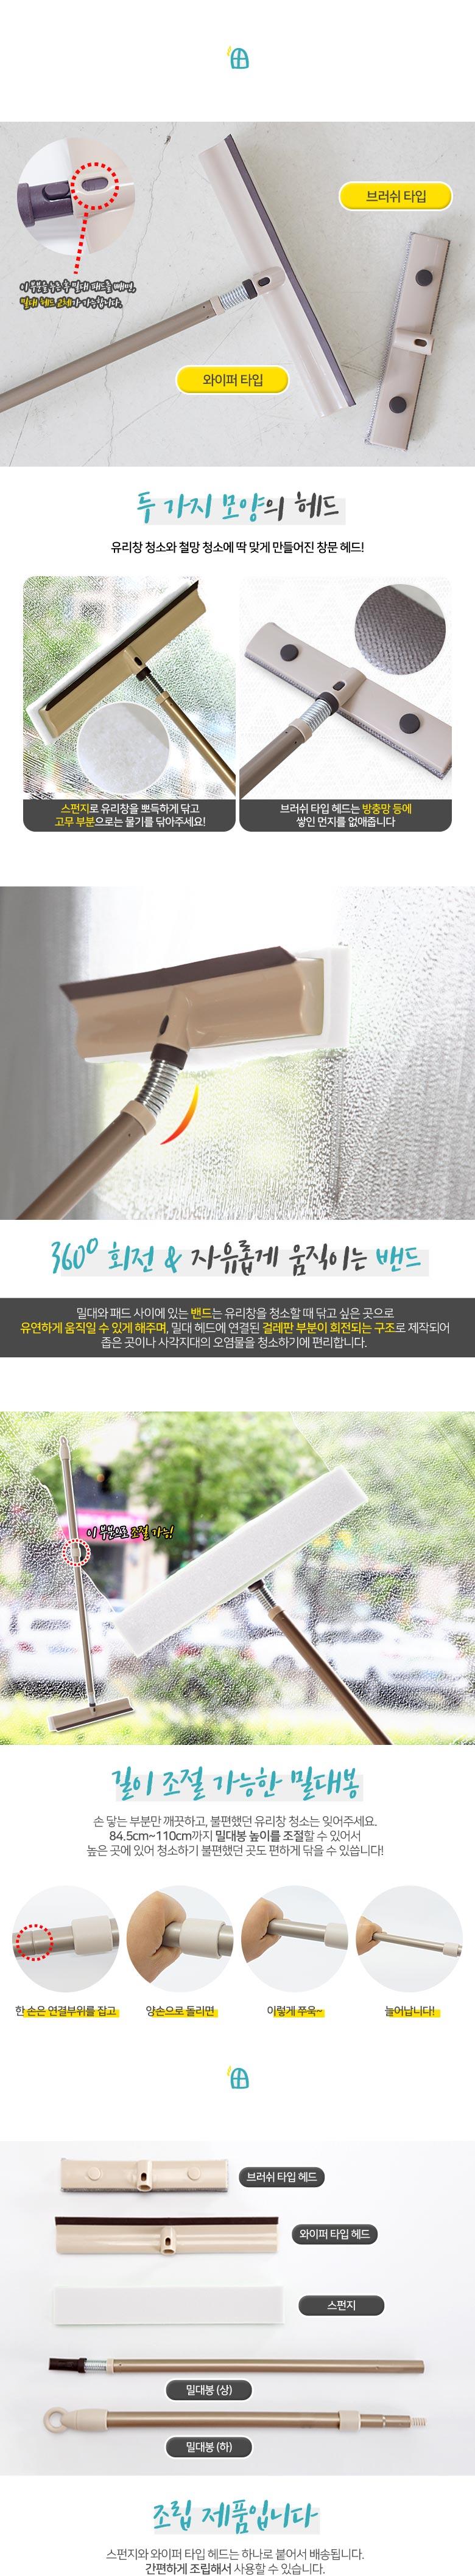 리빙싹 창문밀대청소기 - 리빙숲, 6,800원, 청소도구, 밀대패드